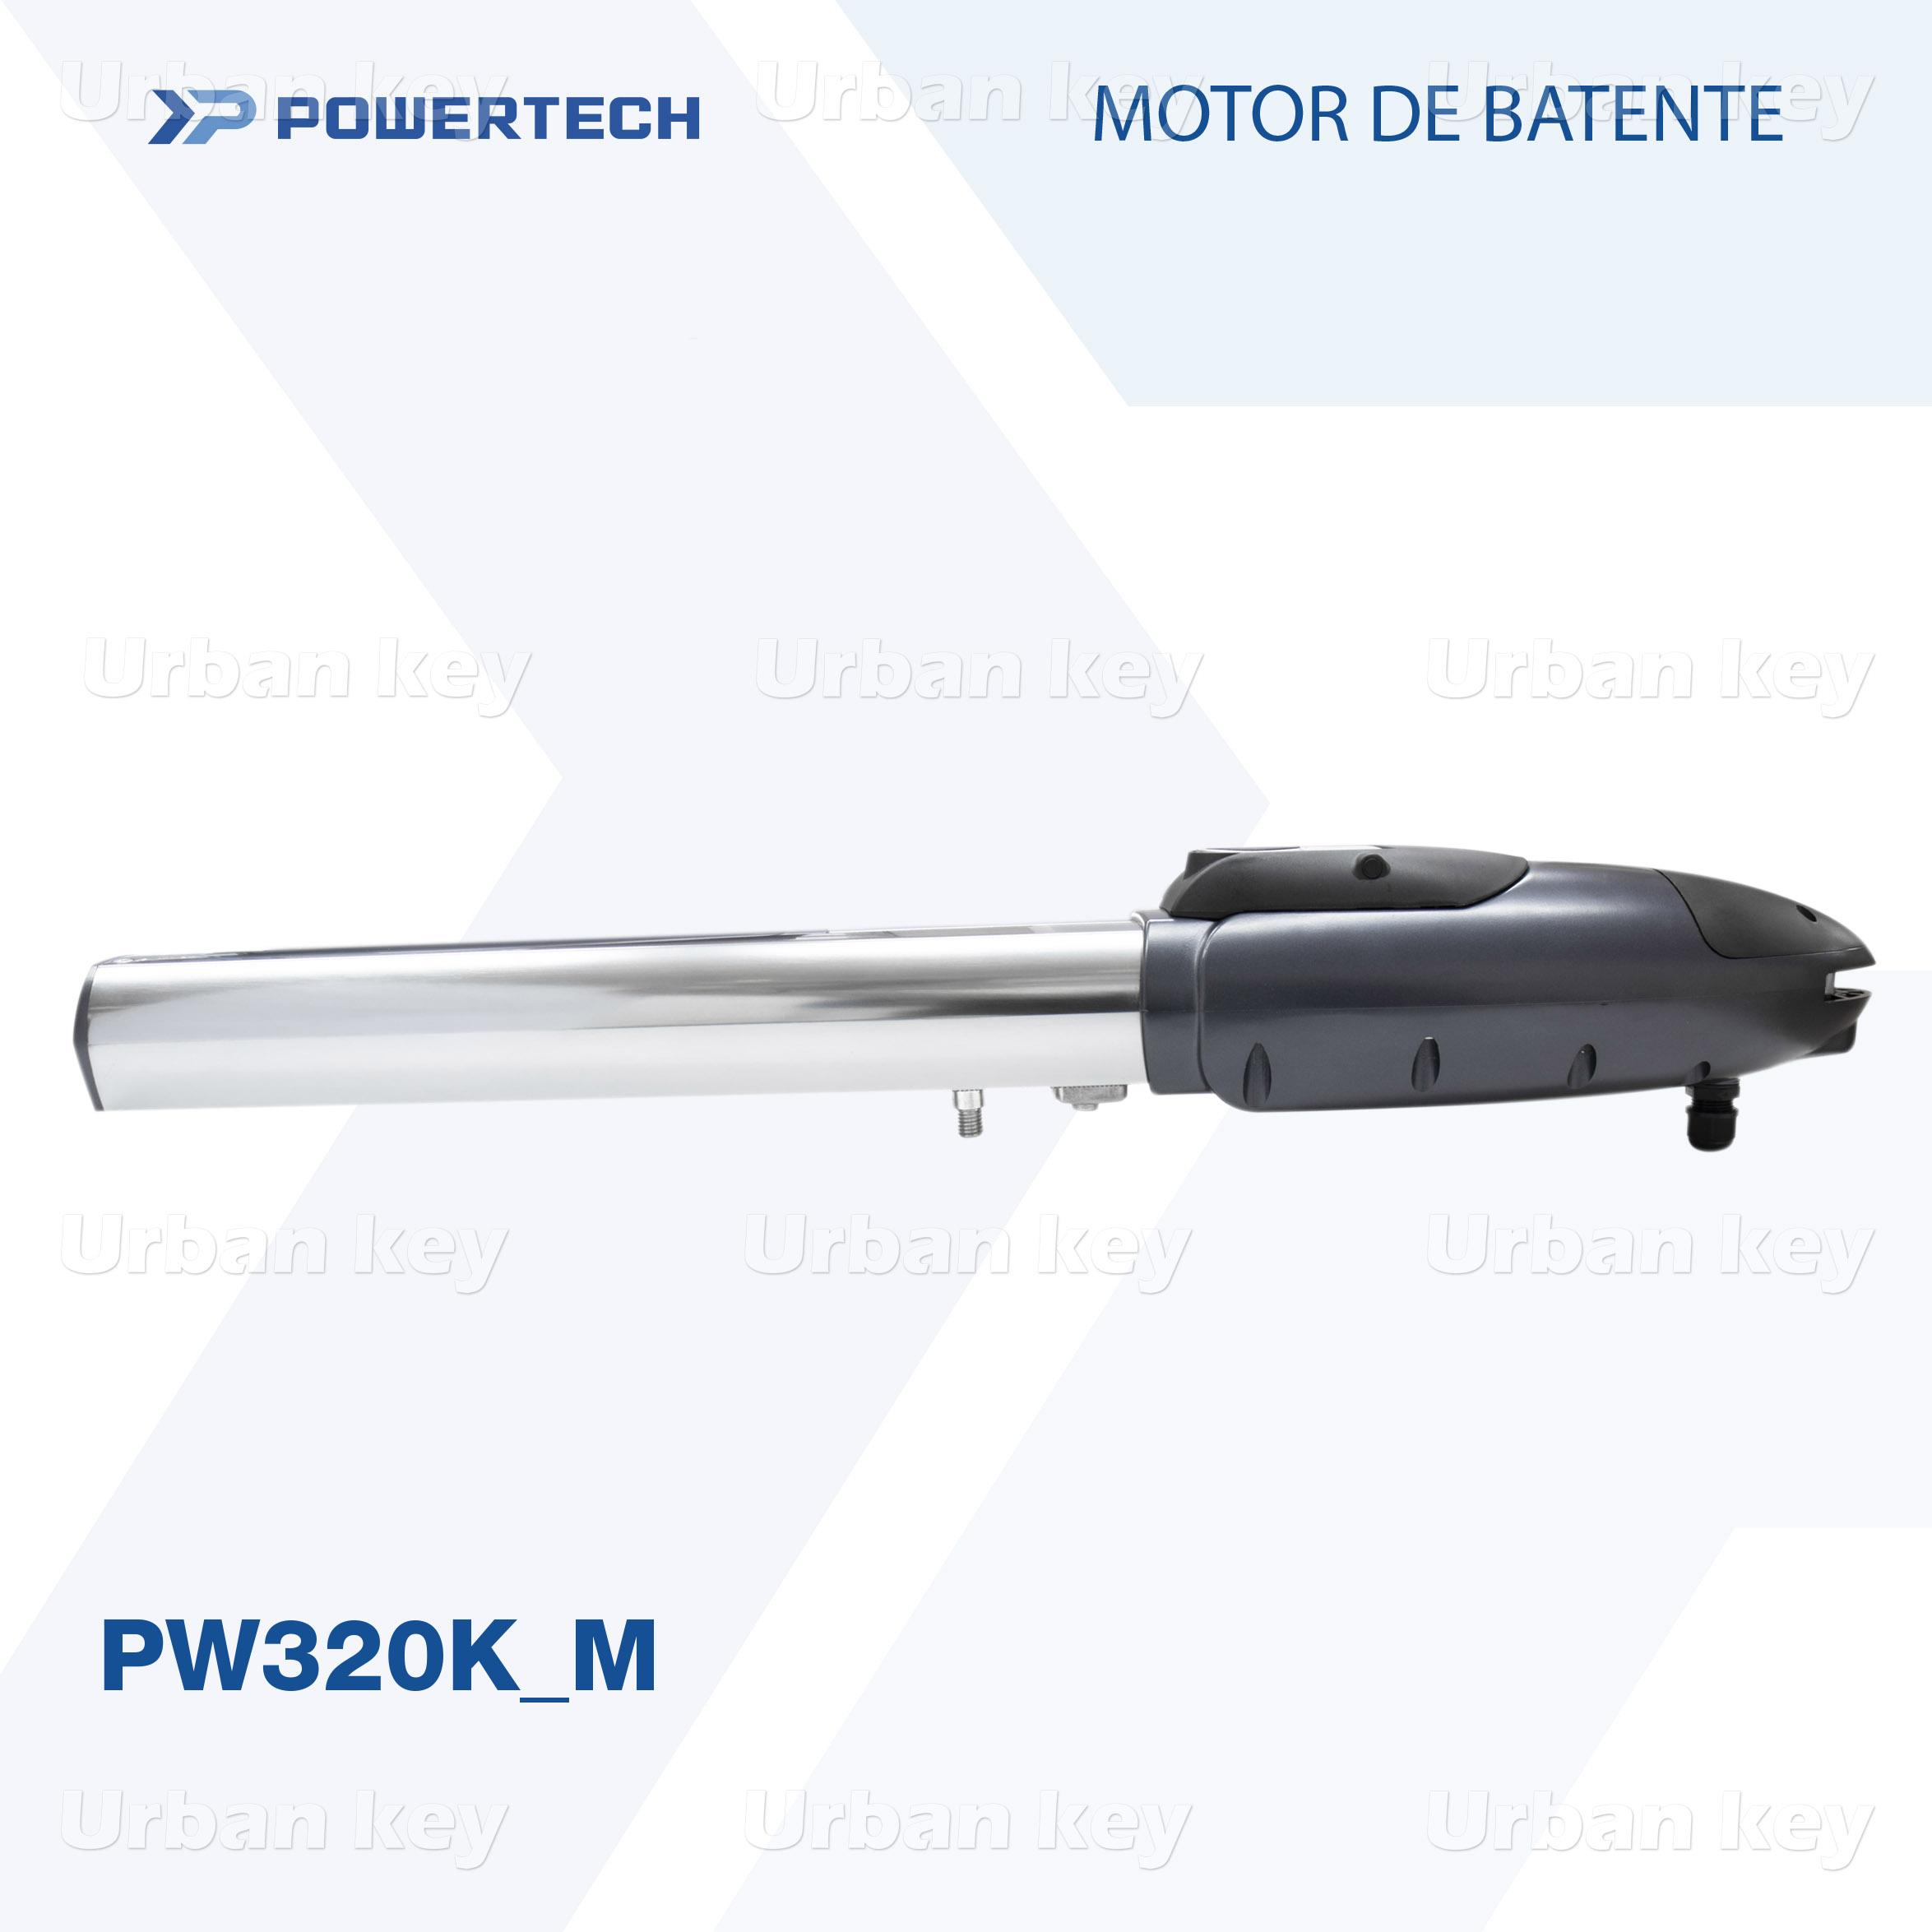 BRACO POWERTECH PW320K-M 24V